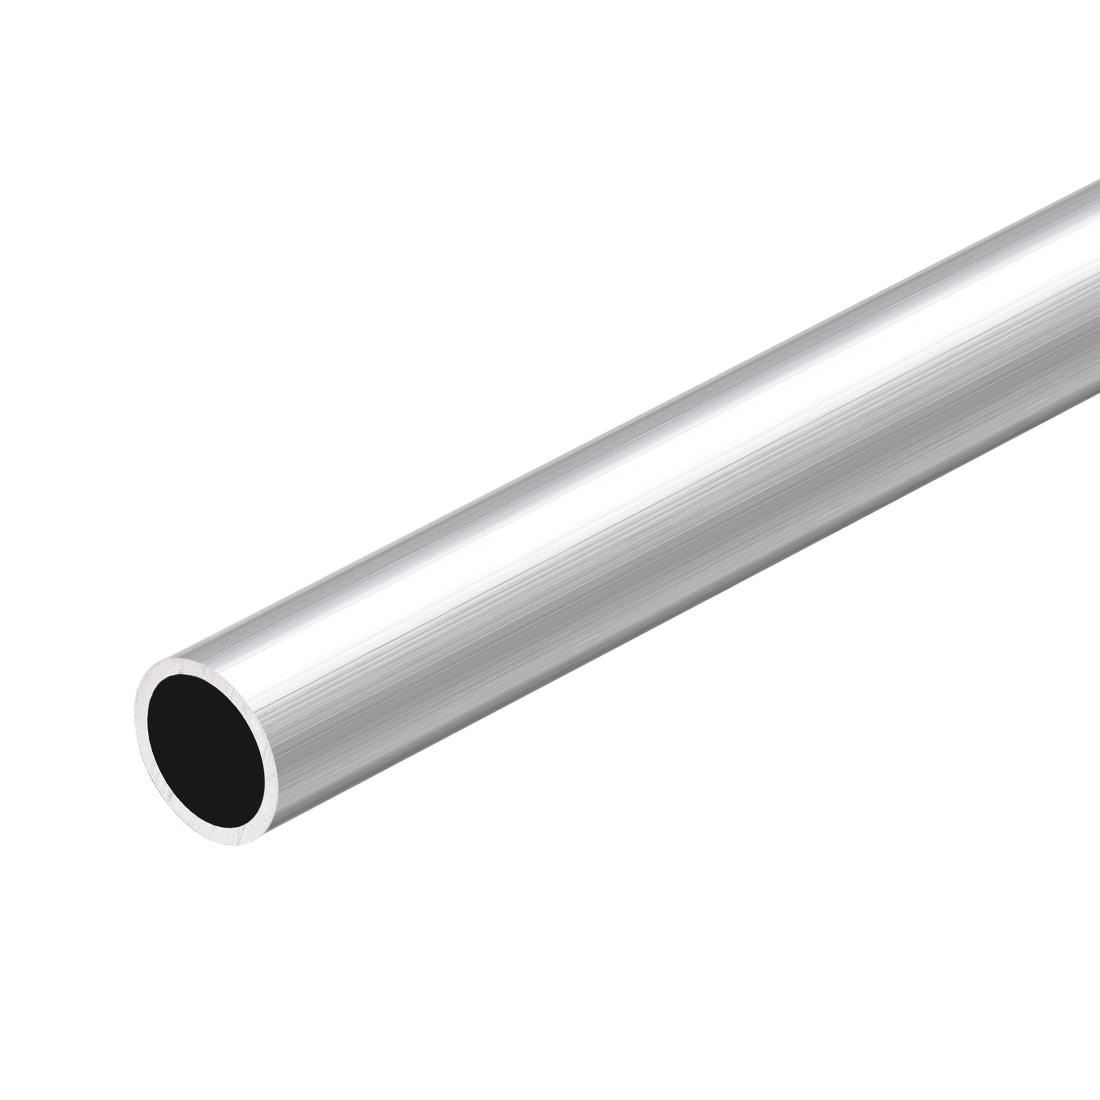 6063 Aluminum Round Tube 300mm Length 12mm OD 10mm Inner Dia Seamless Tubing